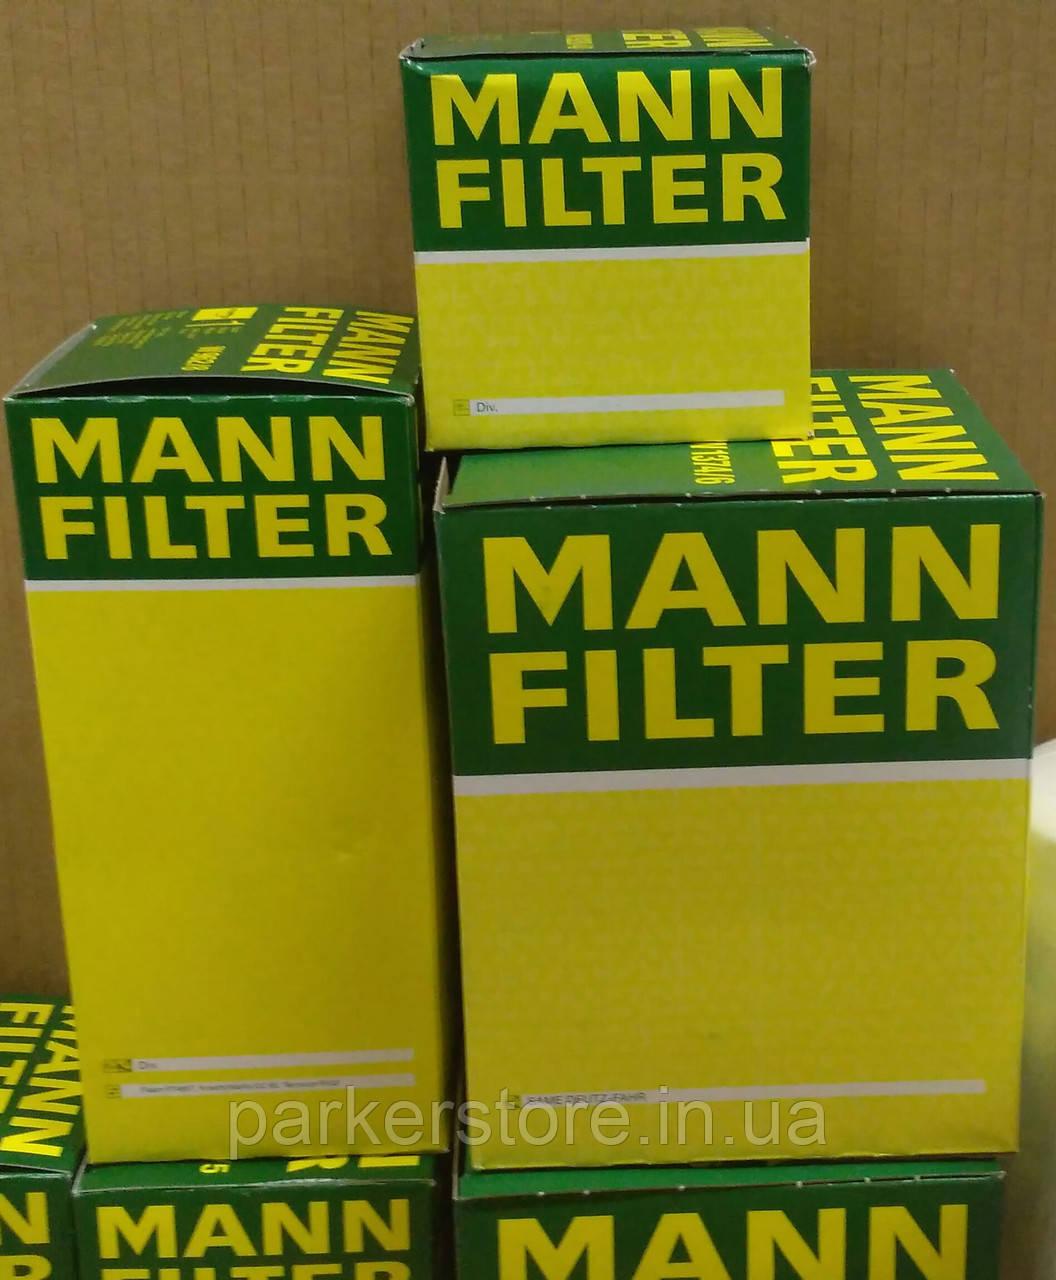 MANN FILTER / Повітряний фільтр / C 15 102/1 / C15102/1